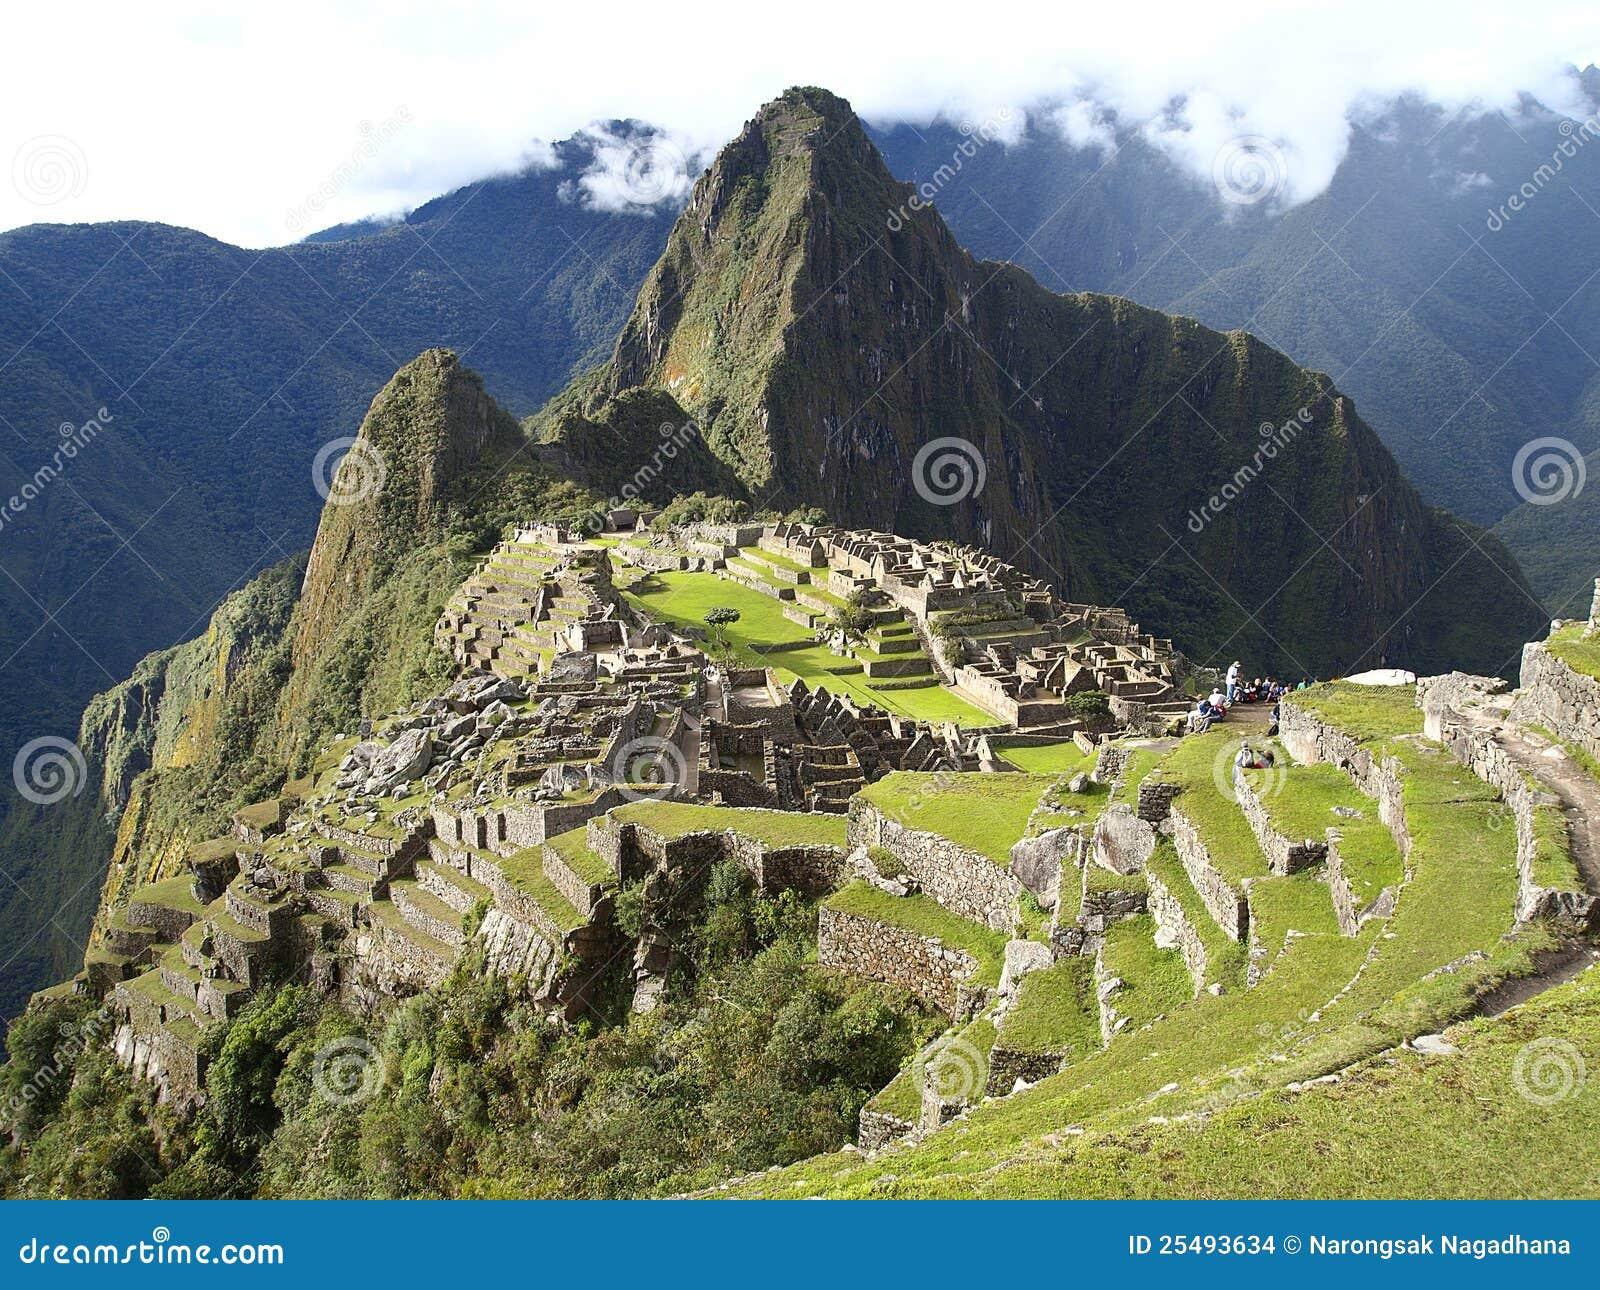 Machu Picchu, the ancient inca city of Peru